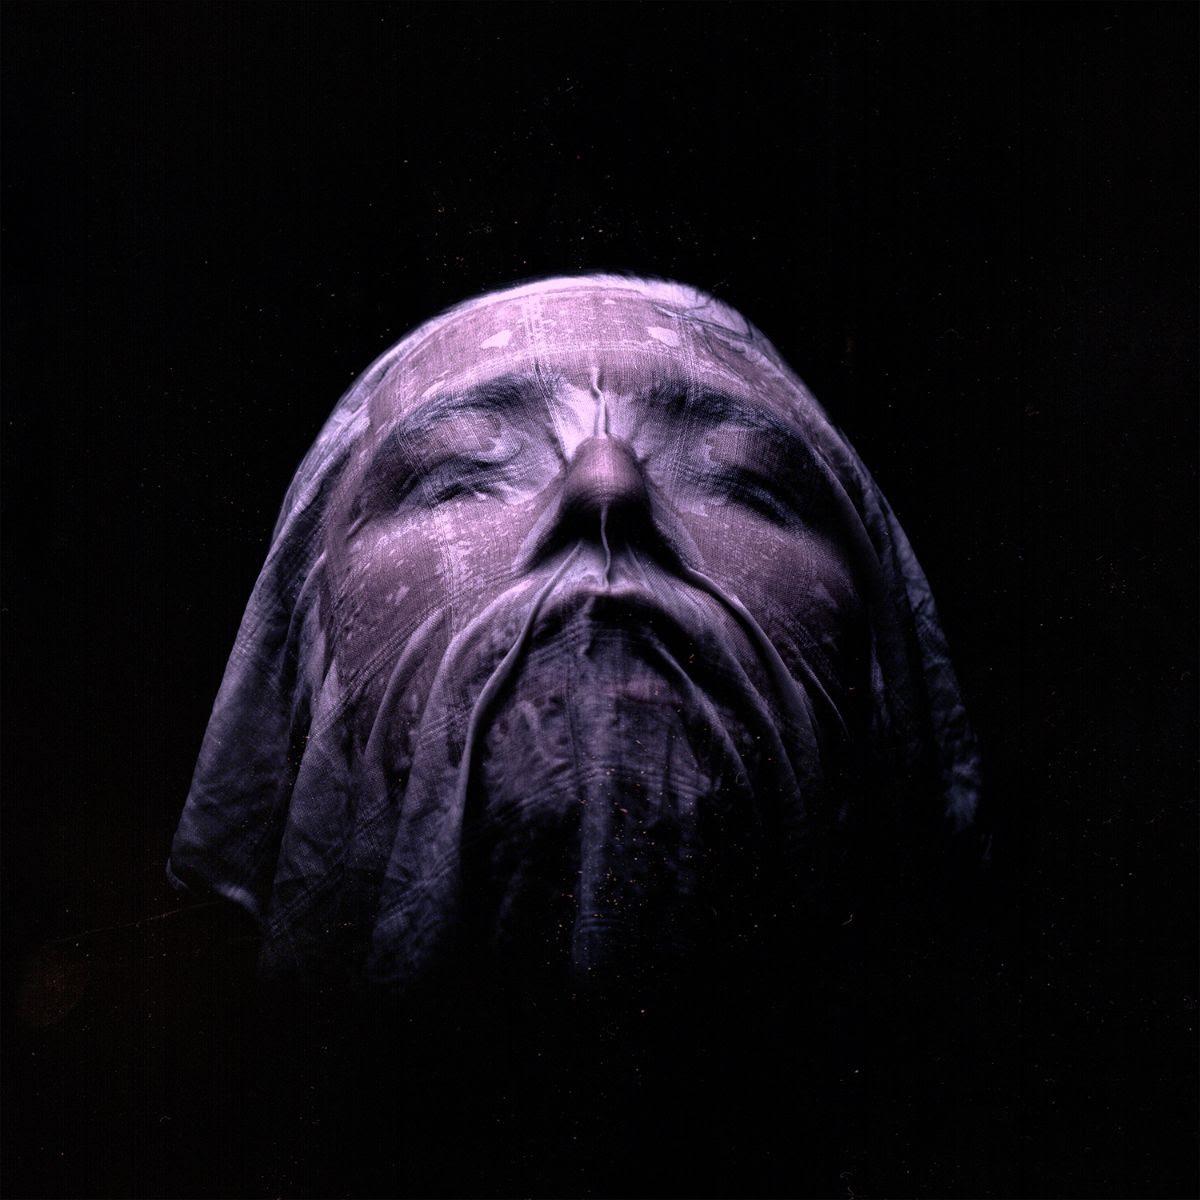 """Numenorean release Adorethird new track """"Adore"""""""